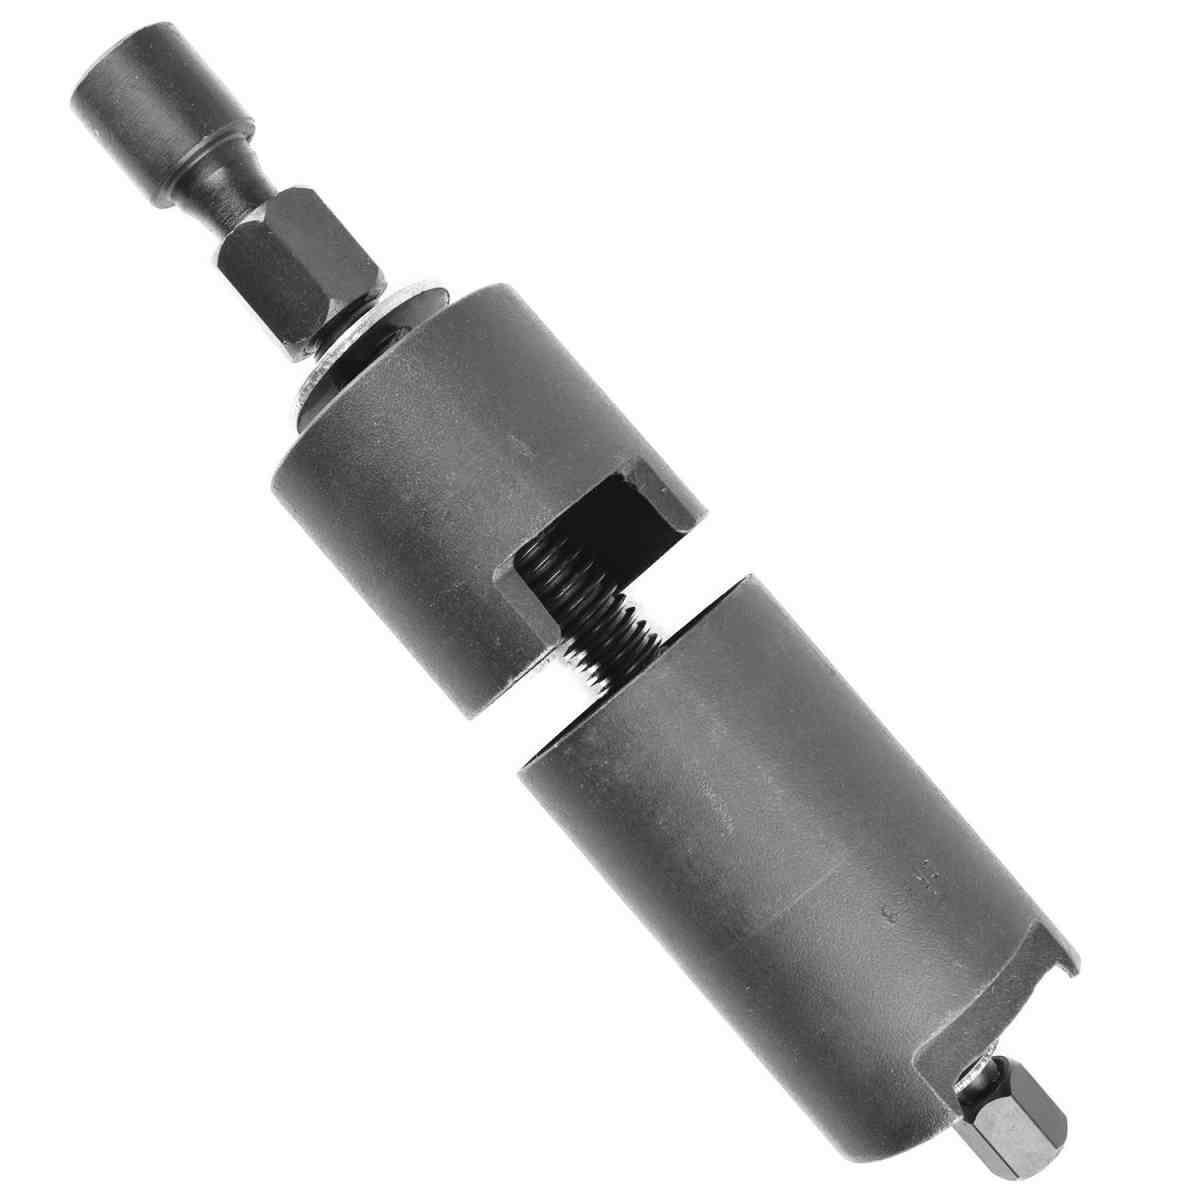 Ferramenta para Suspensão Dianteira VW CR 258 Cr Ferramentas